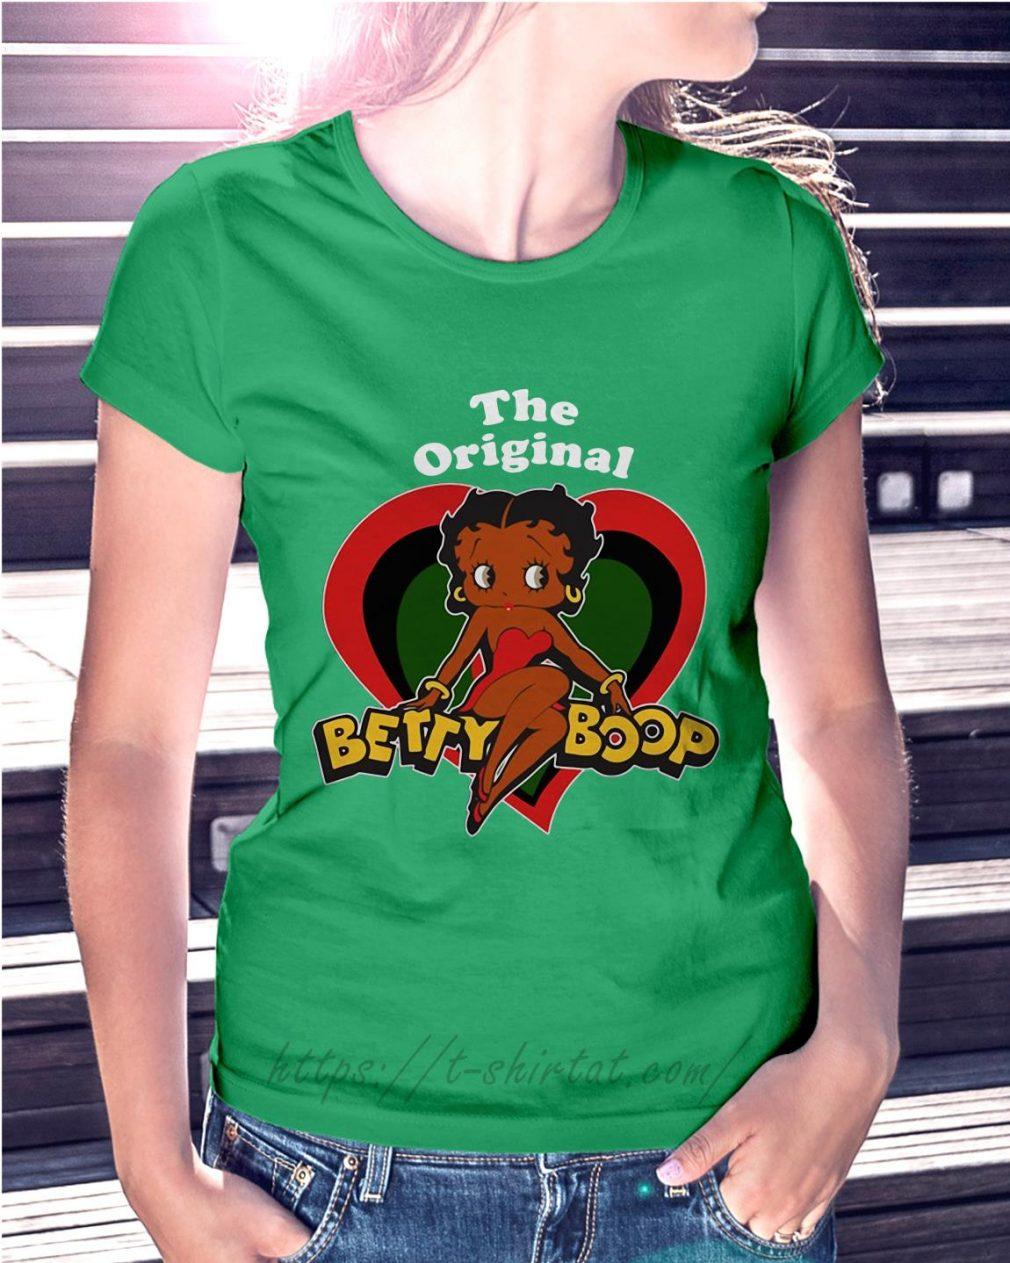 The Original Betty Boop Ladies Tee green